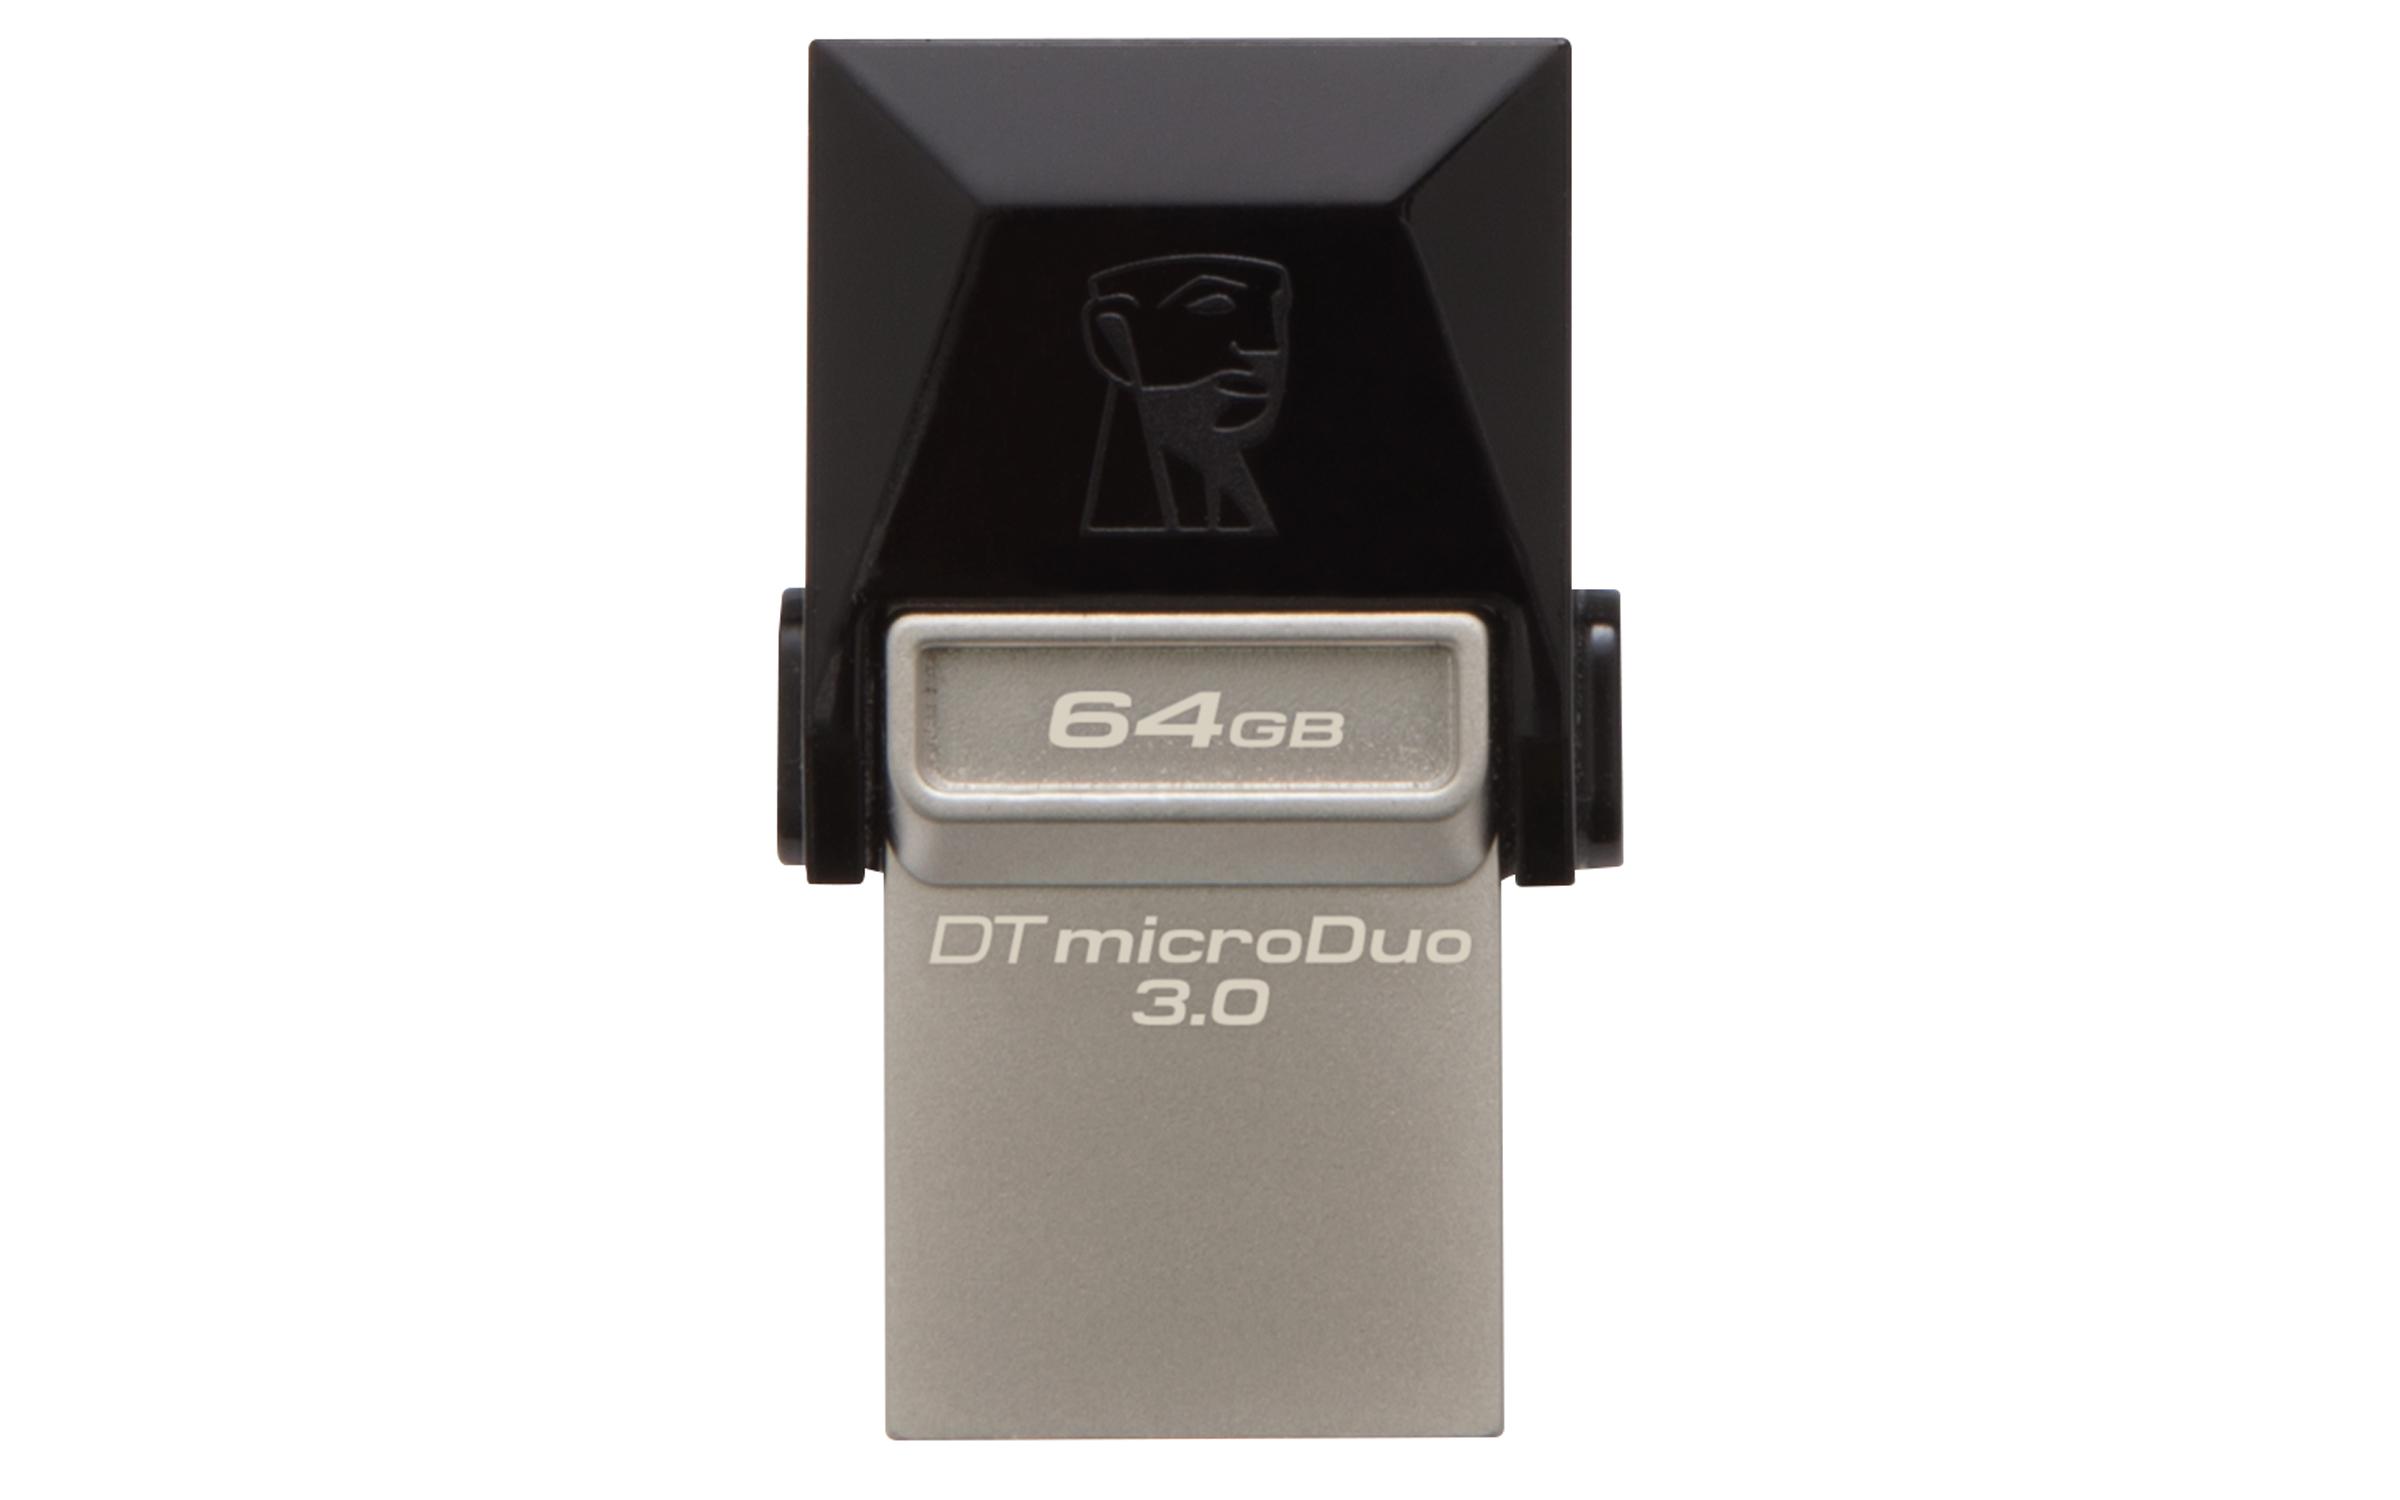 KINGSTON 64GB DT microDuo USB 3.0/ micro USB OTG